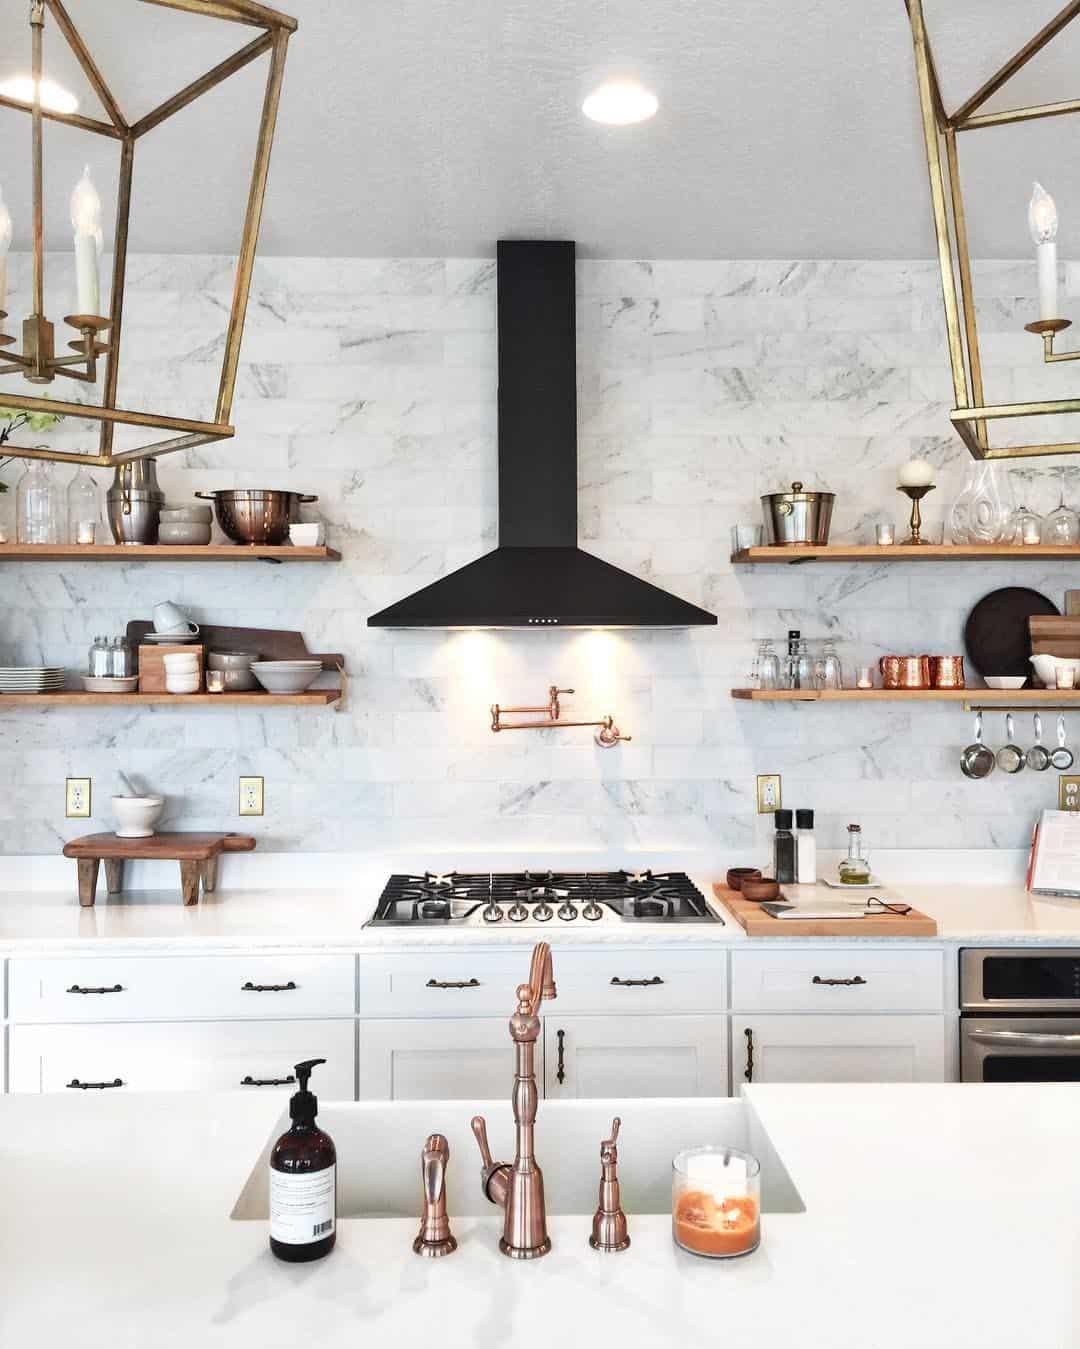 Minimalist Kitchen Ideas That Are Not Boring